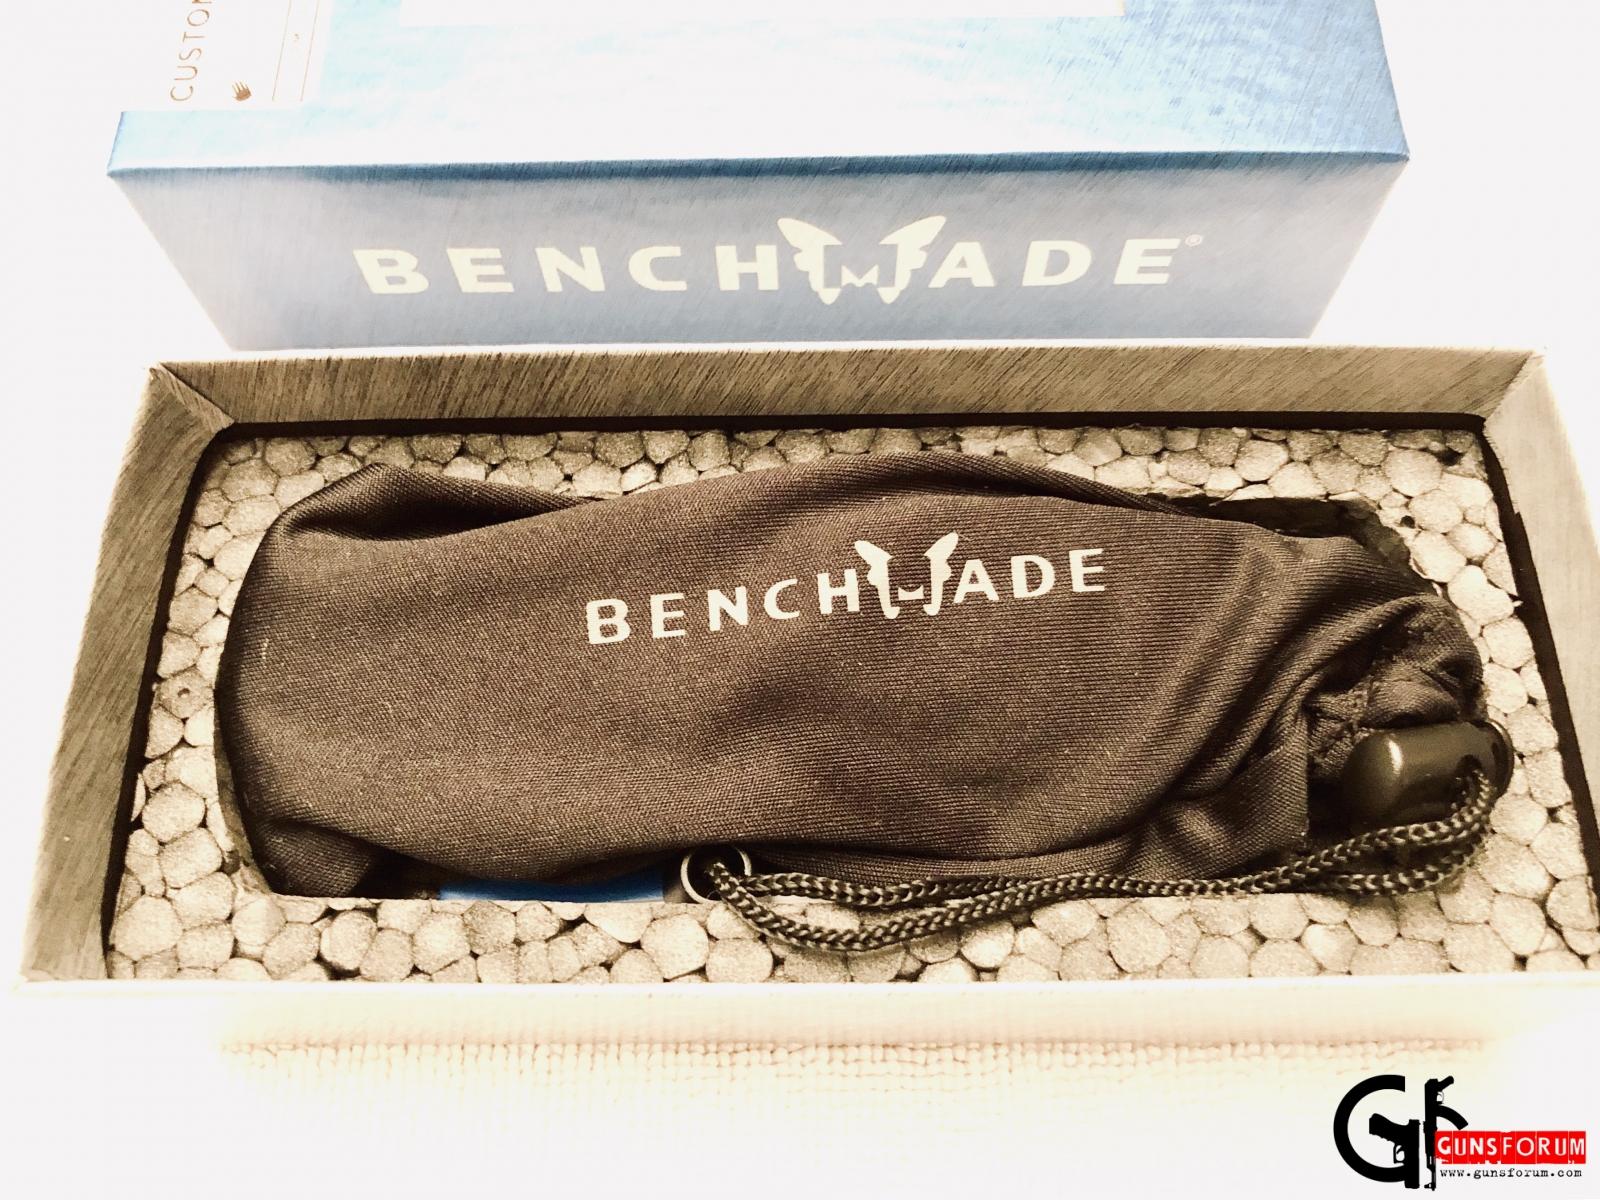 Приз за 1ое место Bechmade custom Barrage с логотипом Gunsforum